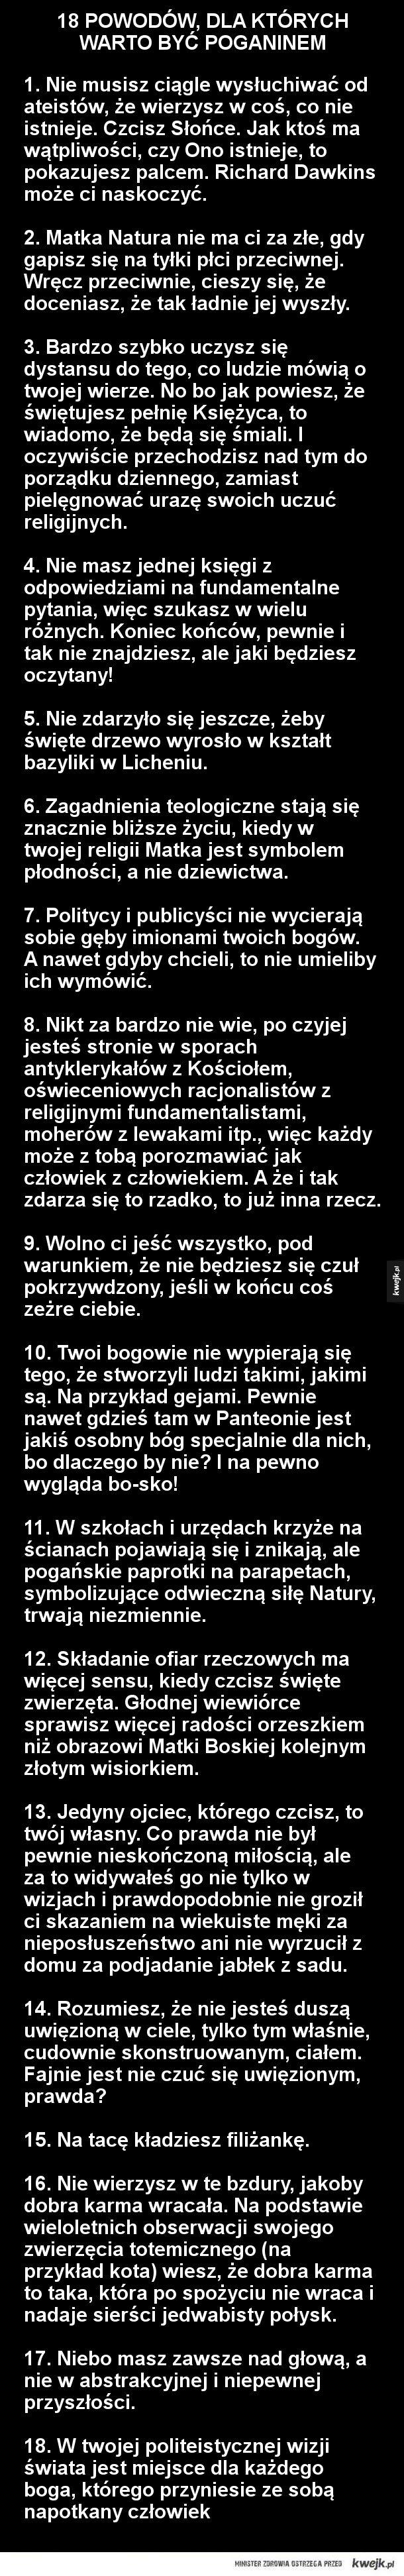 18 powodów, dla których warto być poganinem